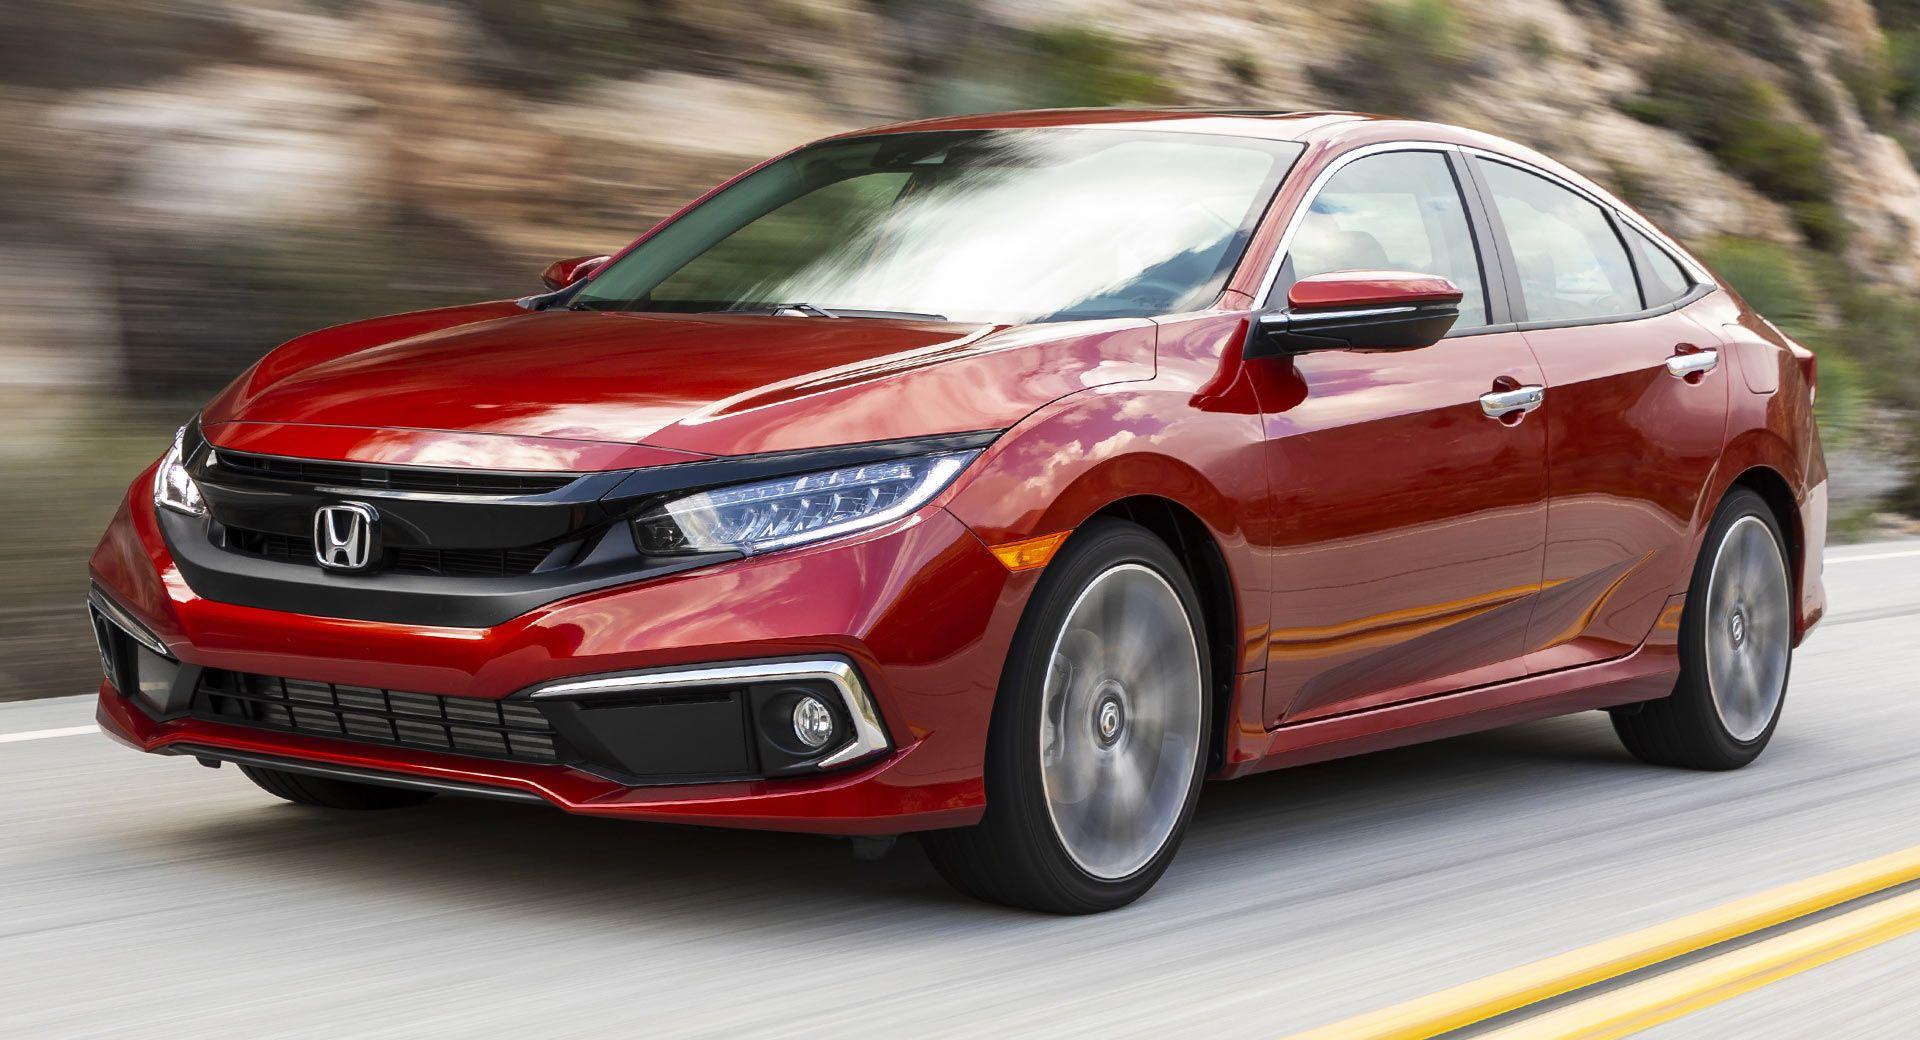 2020 Honda Civic Coupe And Sedan Detailed Pricing Starts At 19 750 Honda Hondacivic Prices Cars Carsofinstagra Civic Sedan Honda Civic Honda Civic Sedan